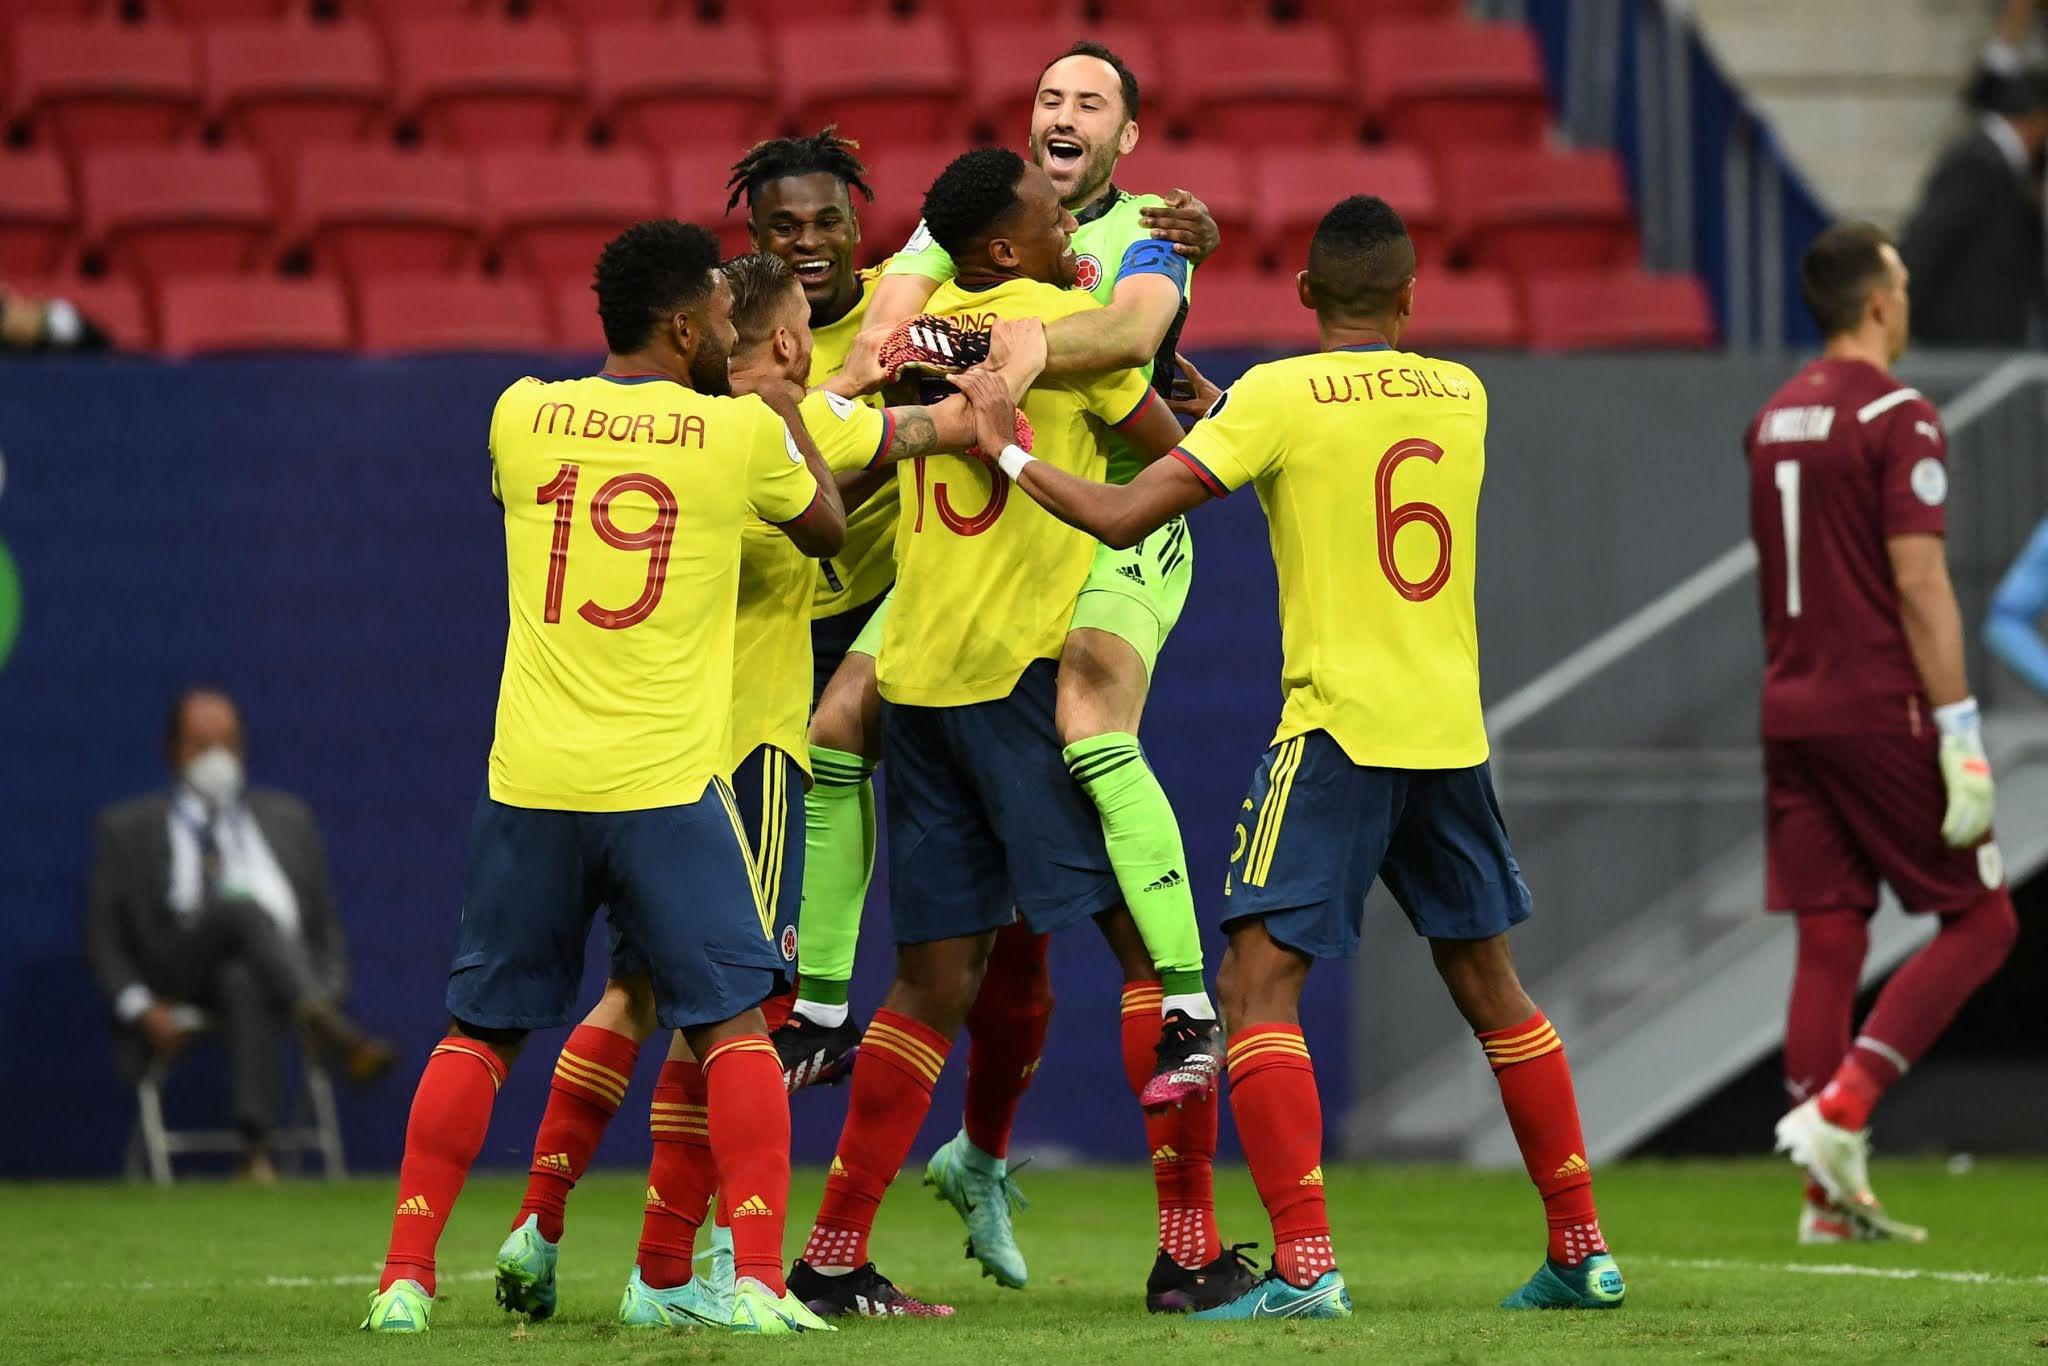 Colombia avanzó a semifinales de la Copa América al vencer a Uruguay por penales